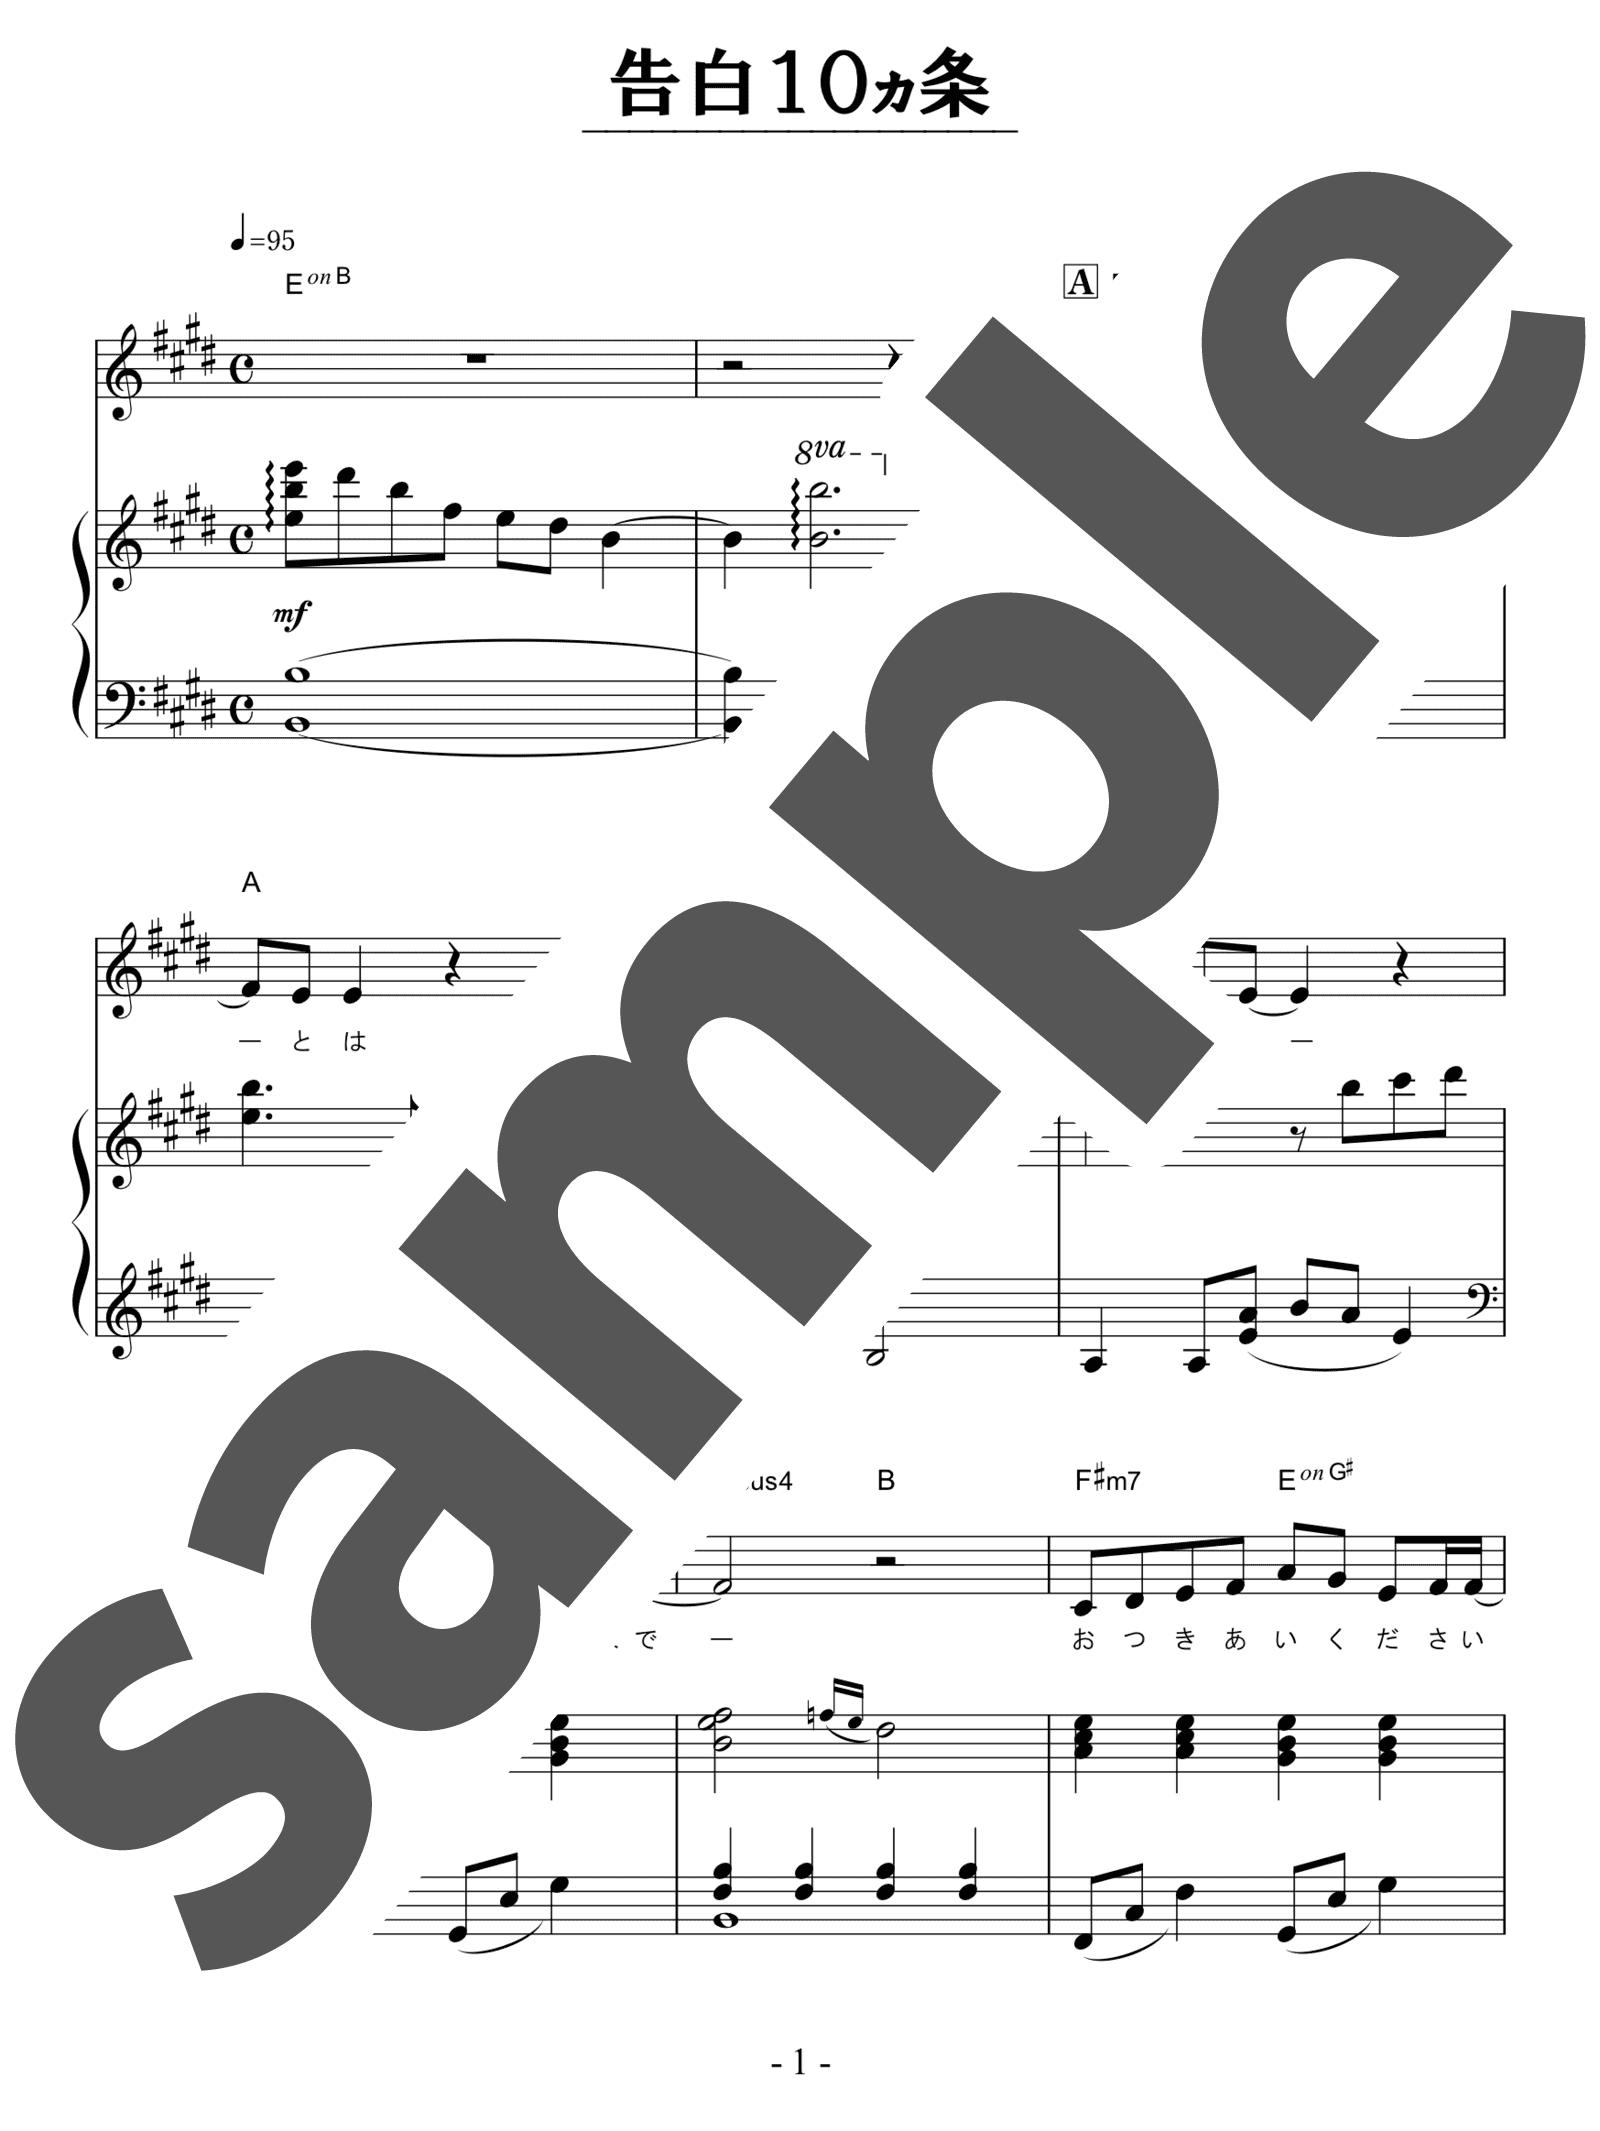 「告白10ヵ条」のサンプル楽譜